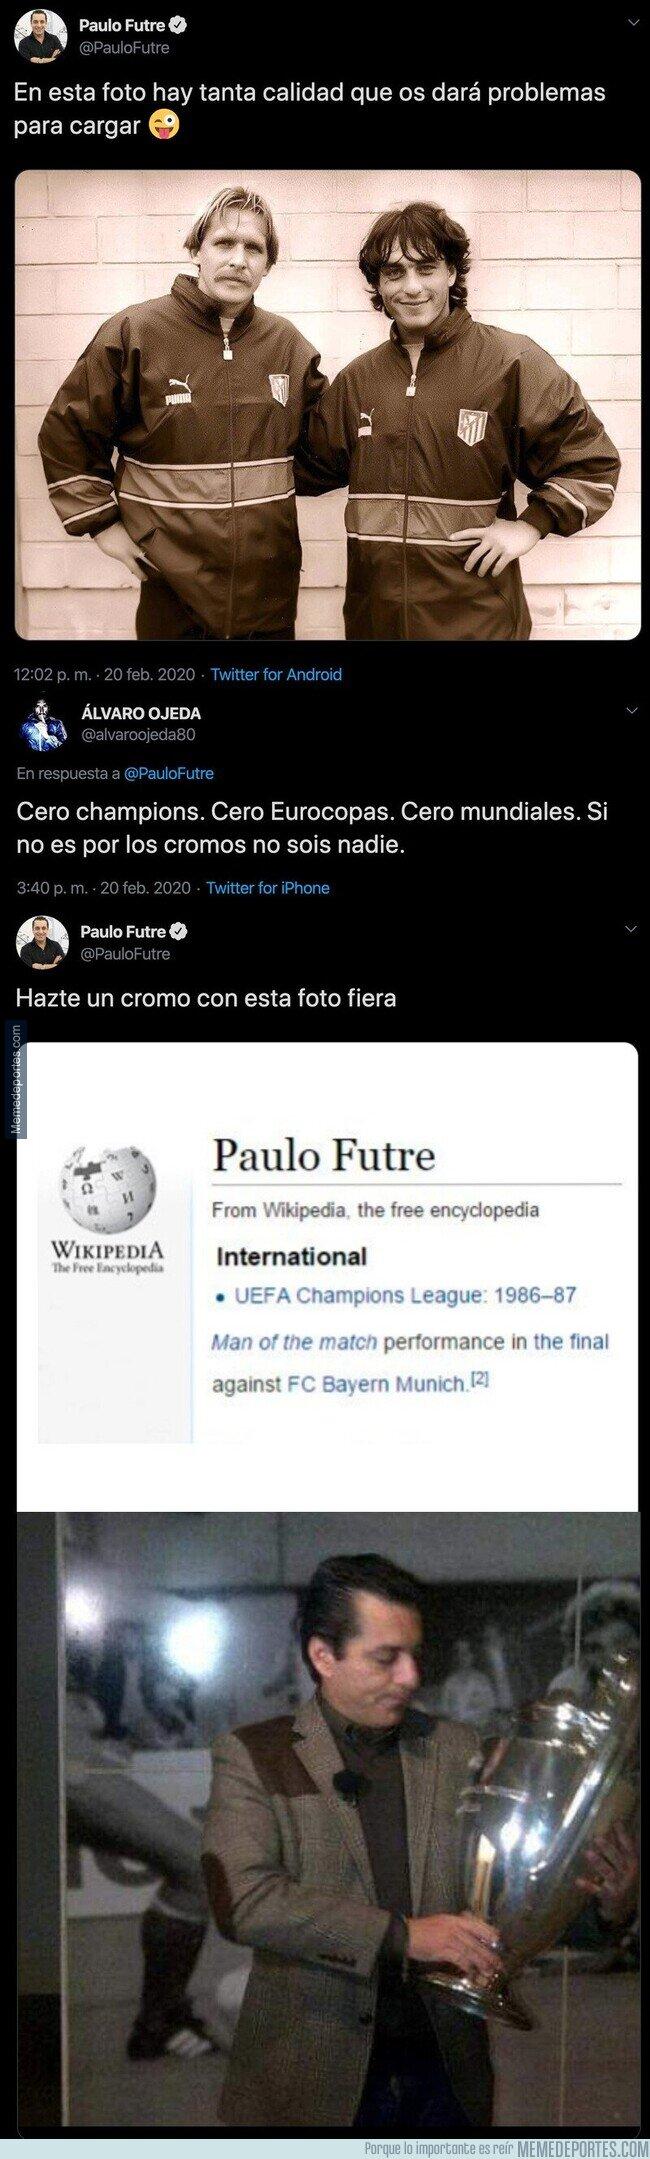 1098894 - Álvaro Ojeda intenta reírse de Paulo Futre por sus Champions y le responde de forma apoteósica dejándole en ridículo